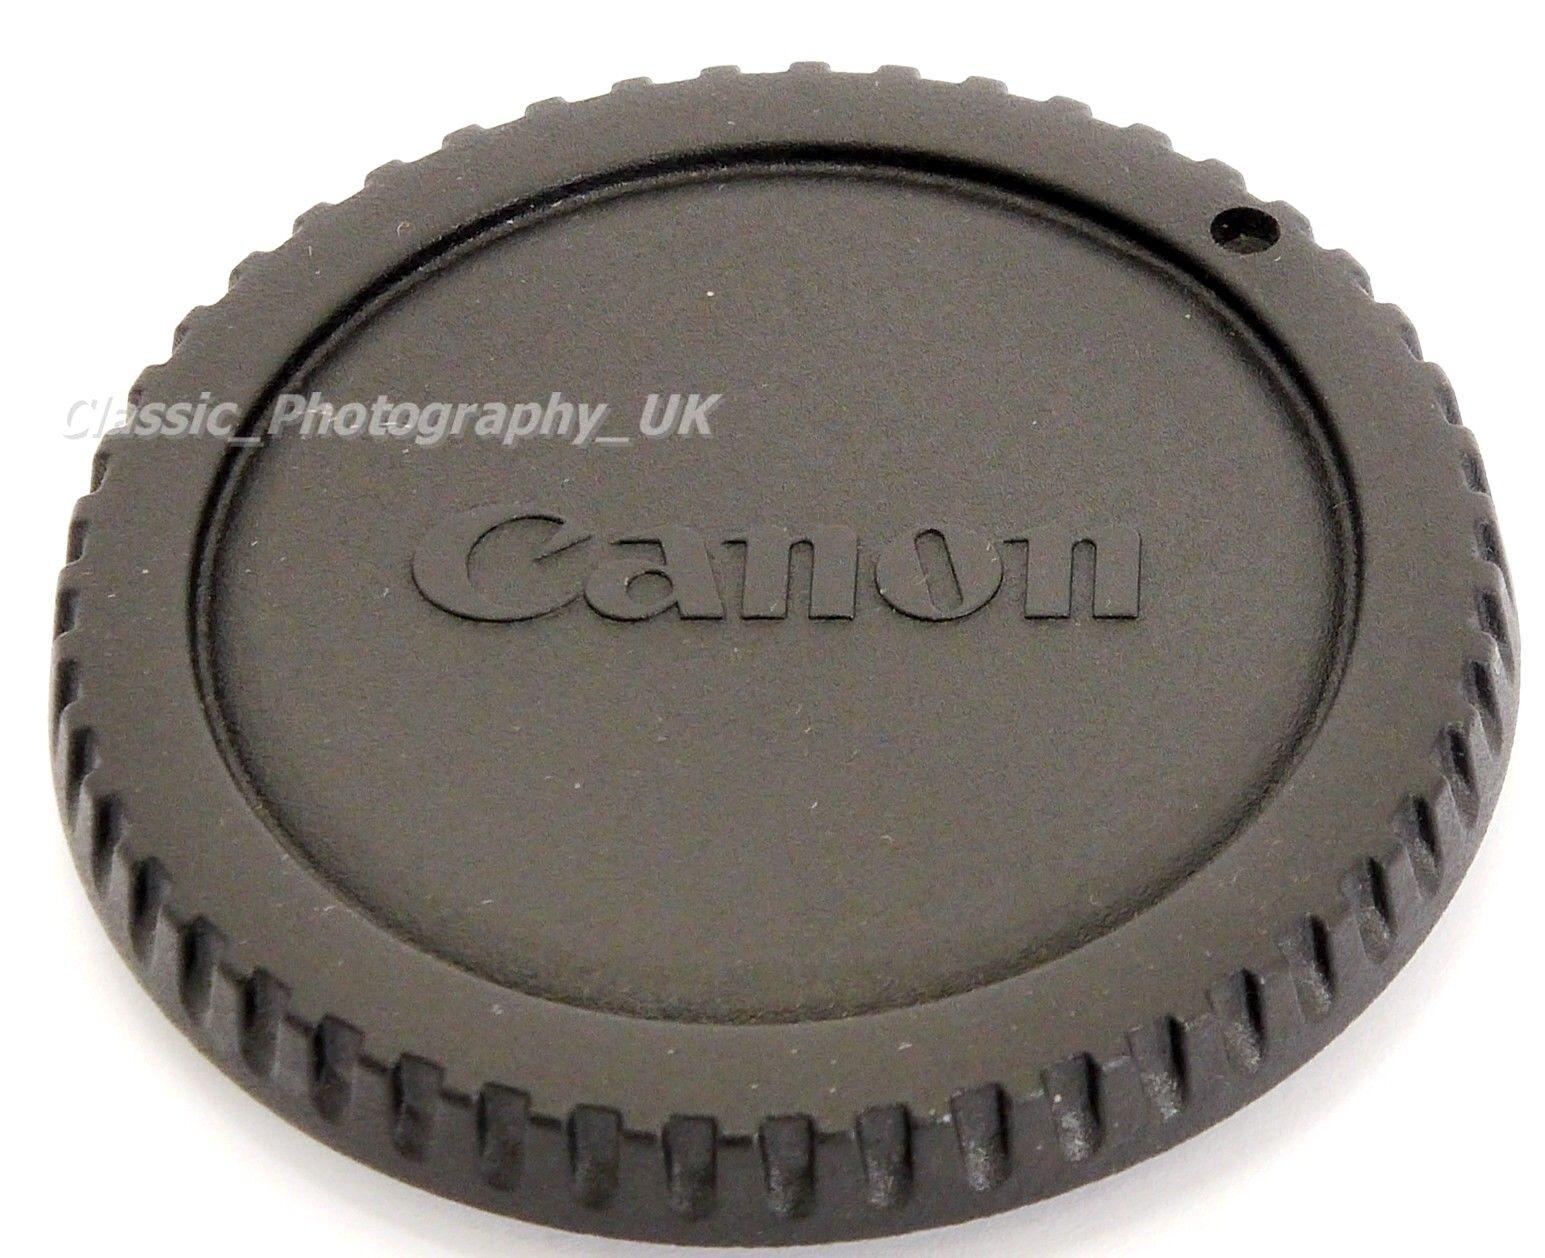 ORIGINAL Canon EOS Body Cap V2 Made in Japan for Canon EOS 5D MK3 EOS 6D Mark 2